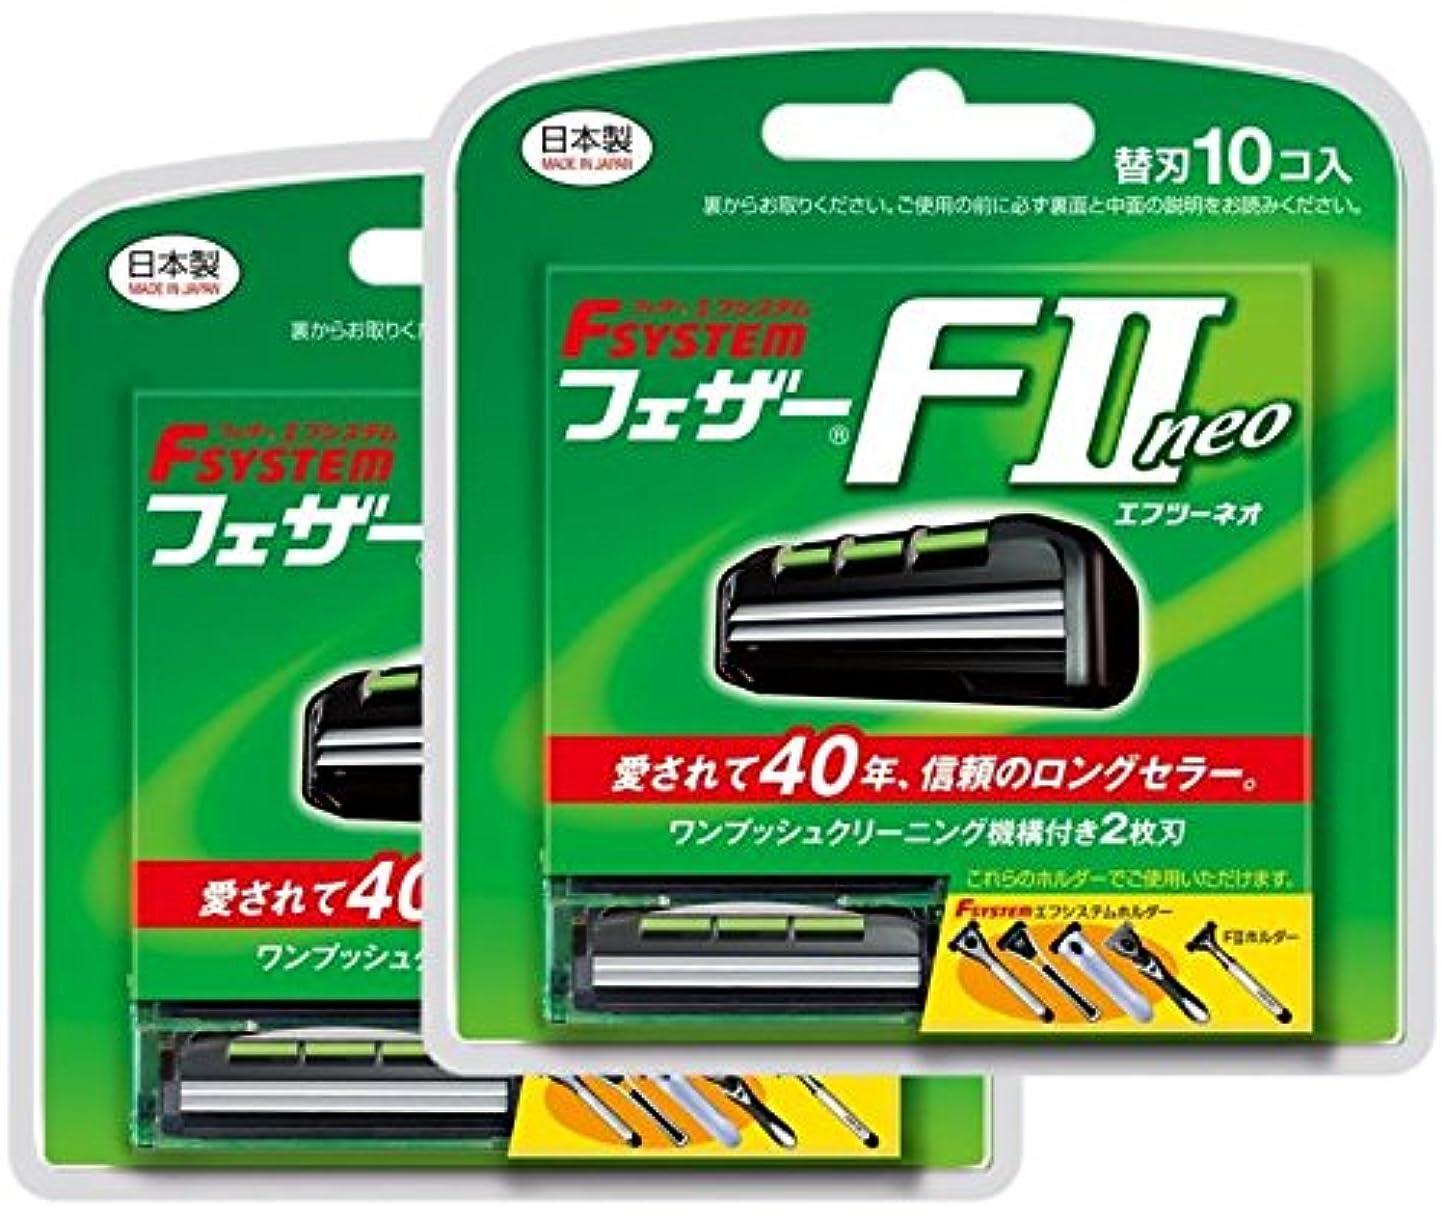 コロニアルボルトダンスフェザー エフシステム 替刃 FIIネオ 10コ入×2個セット